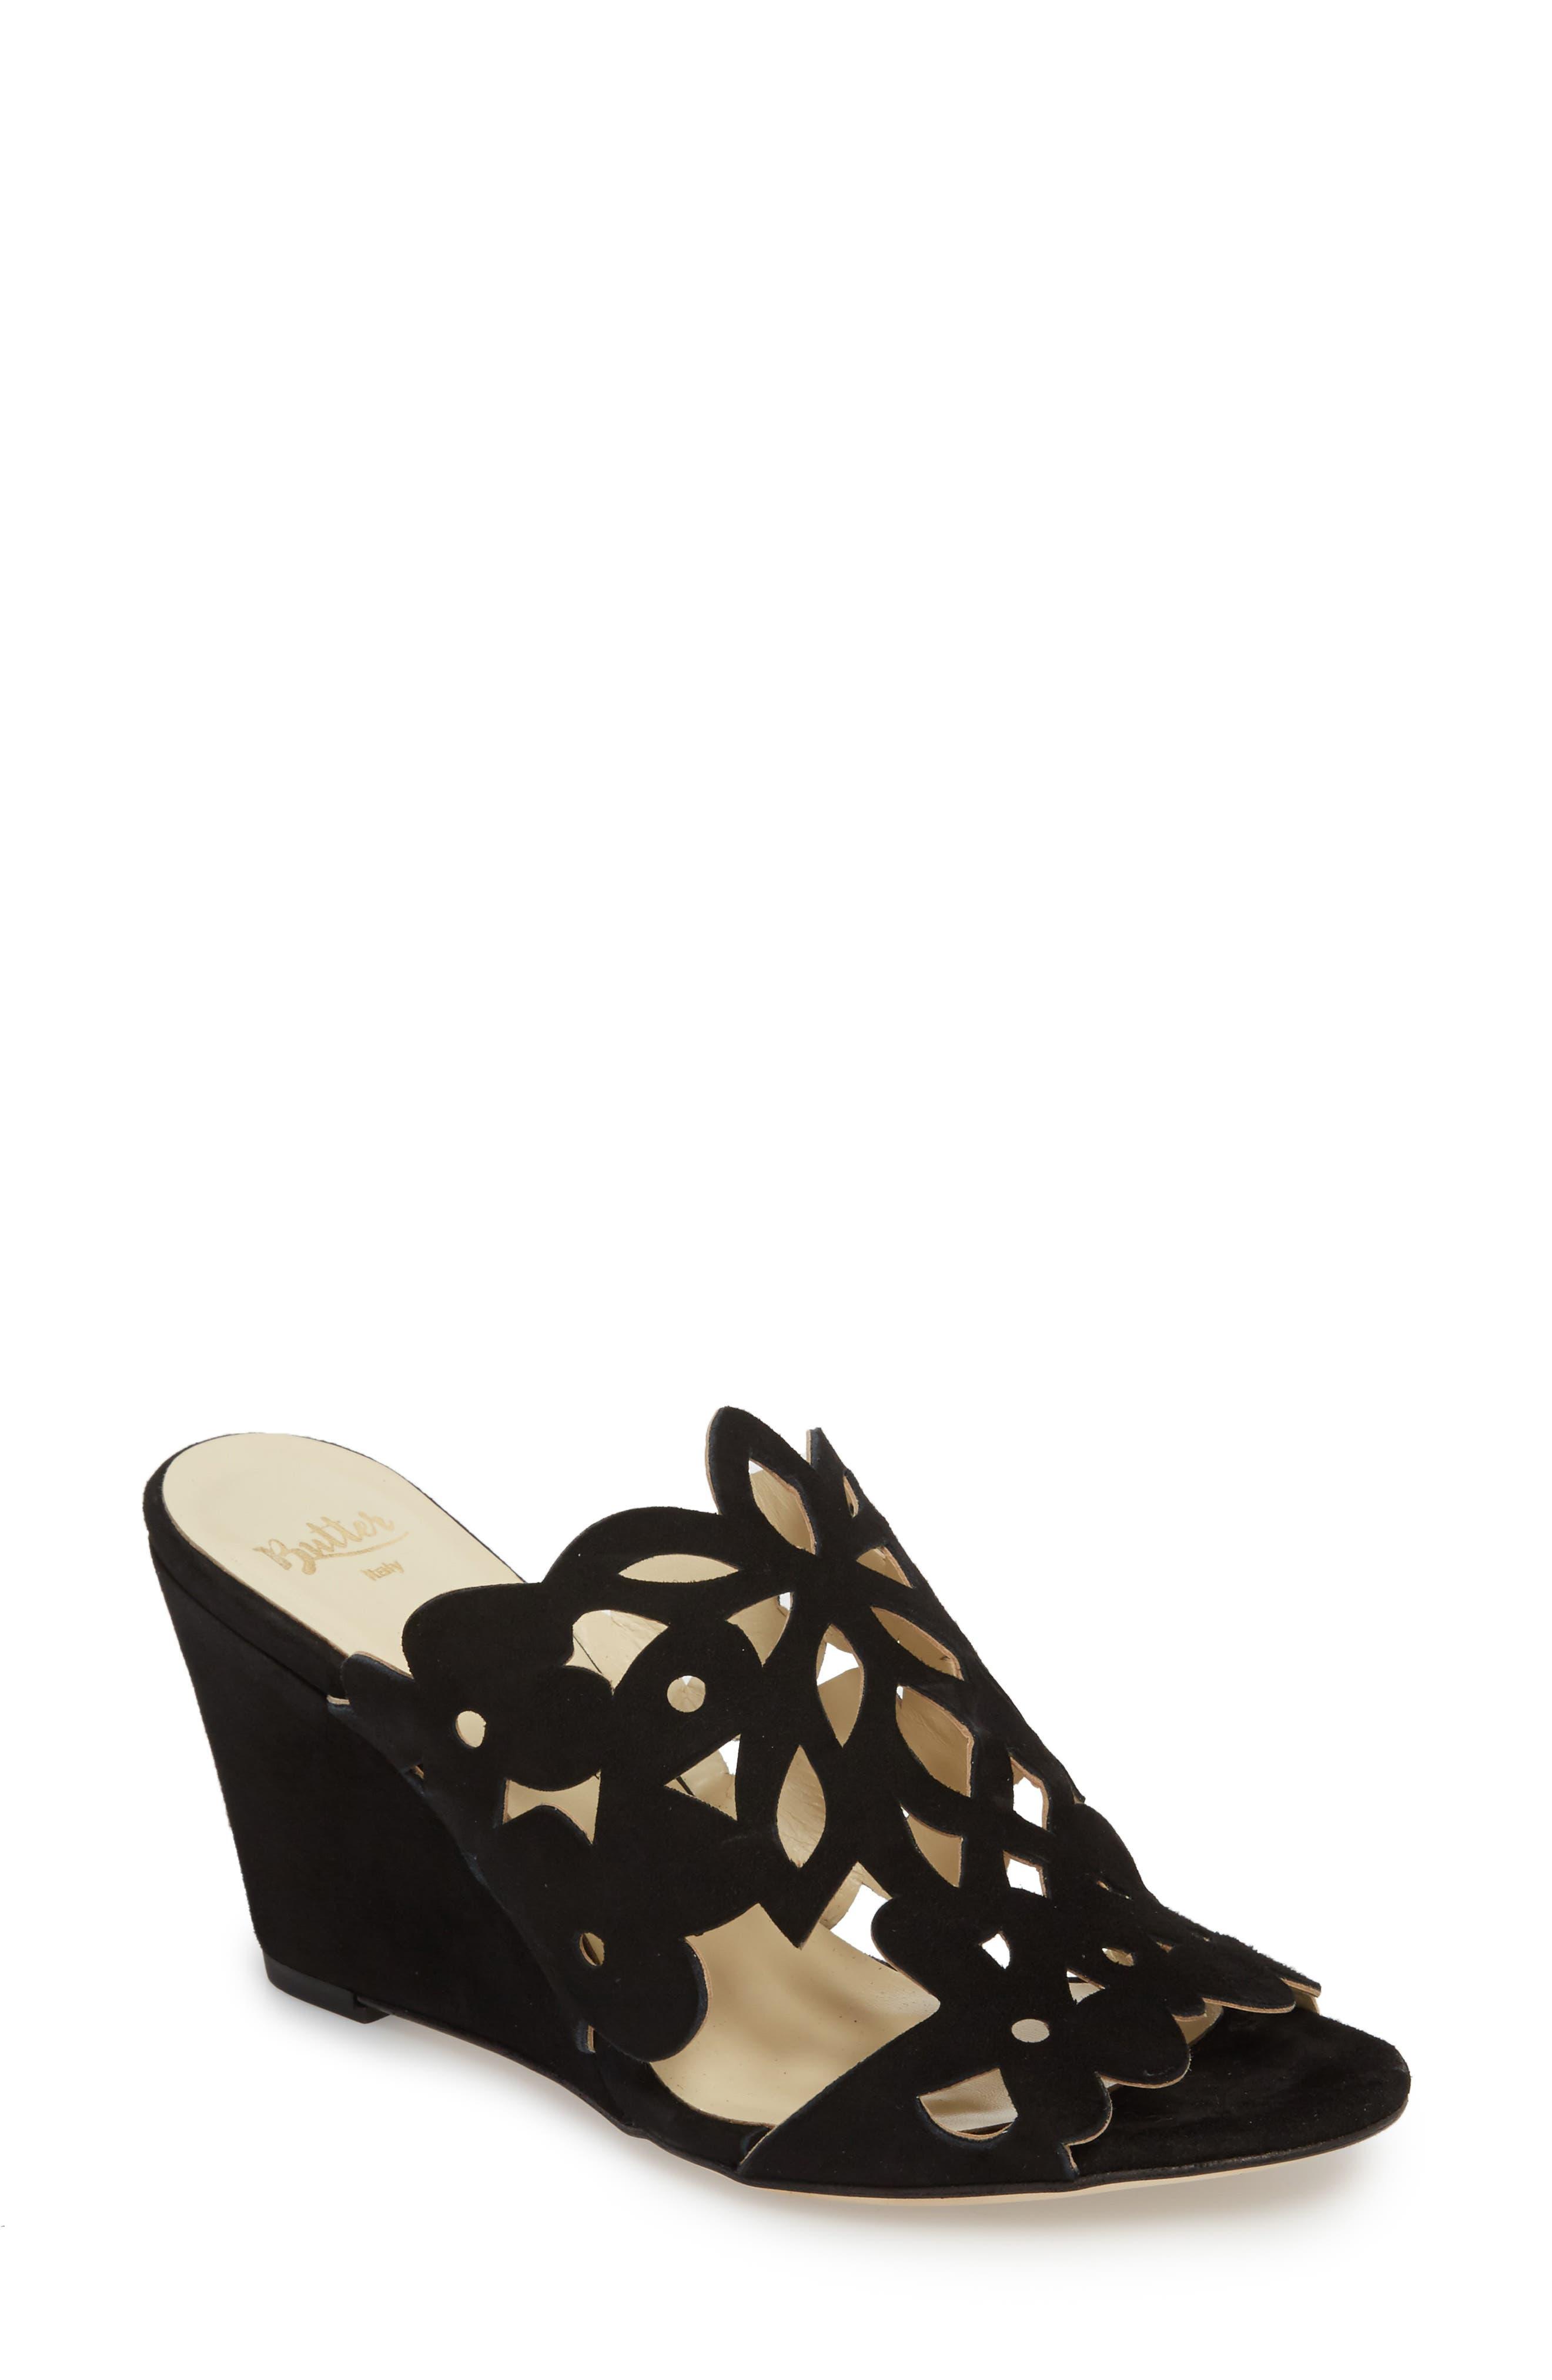 Butter Quinn Wedge Slide Sandal,                         Main,                         color, 001